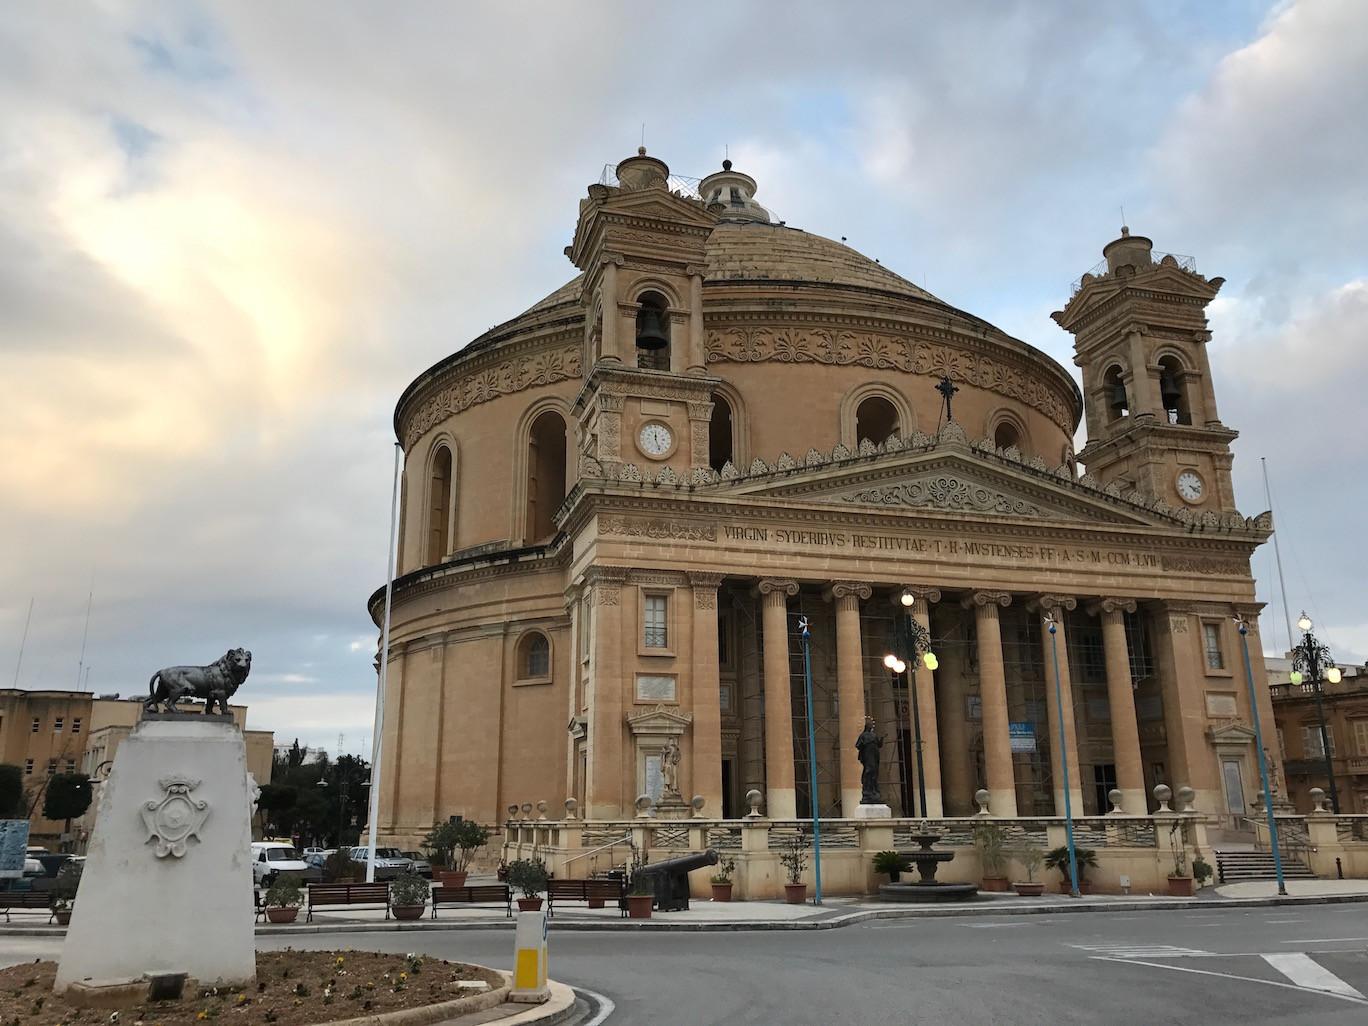 Mosta Dome & Lion